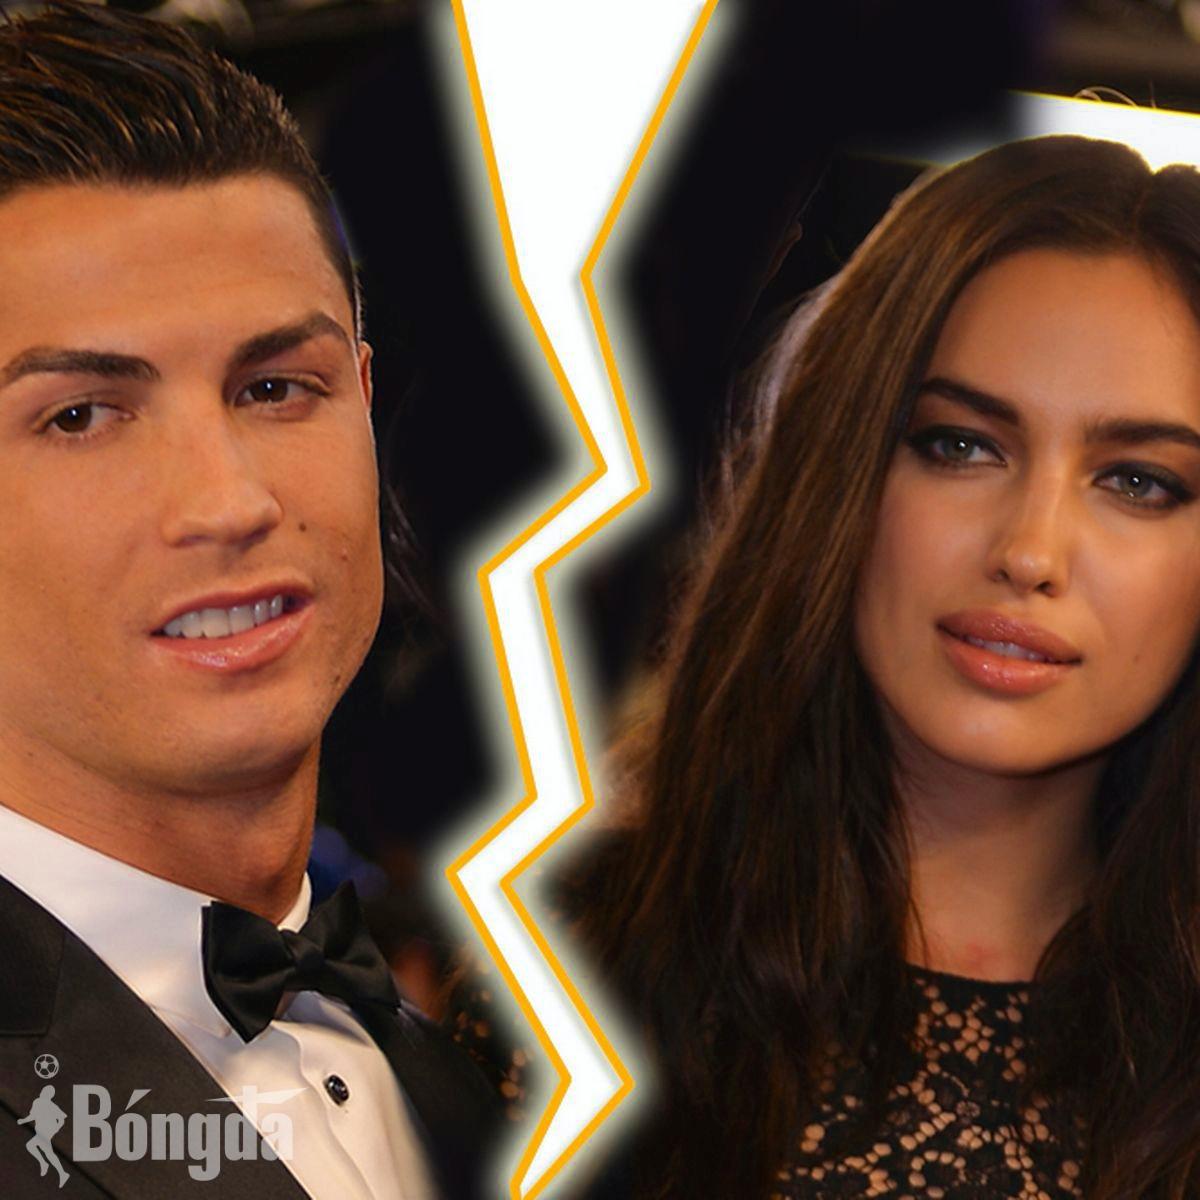 Sự thật đằng sau cuộc chia tay tốn nhiều giấy mực giữa Cristiano Ronaldo và Irina Shayk